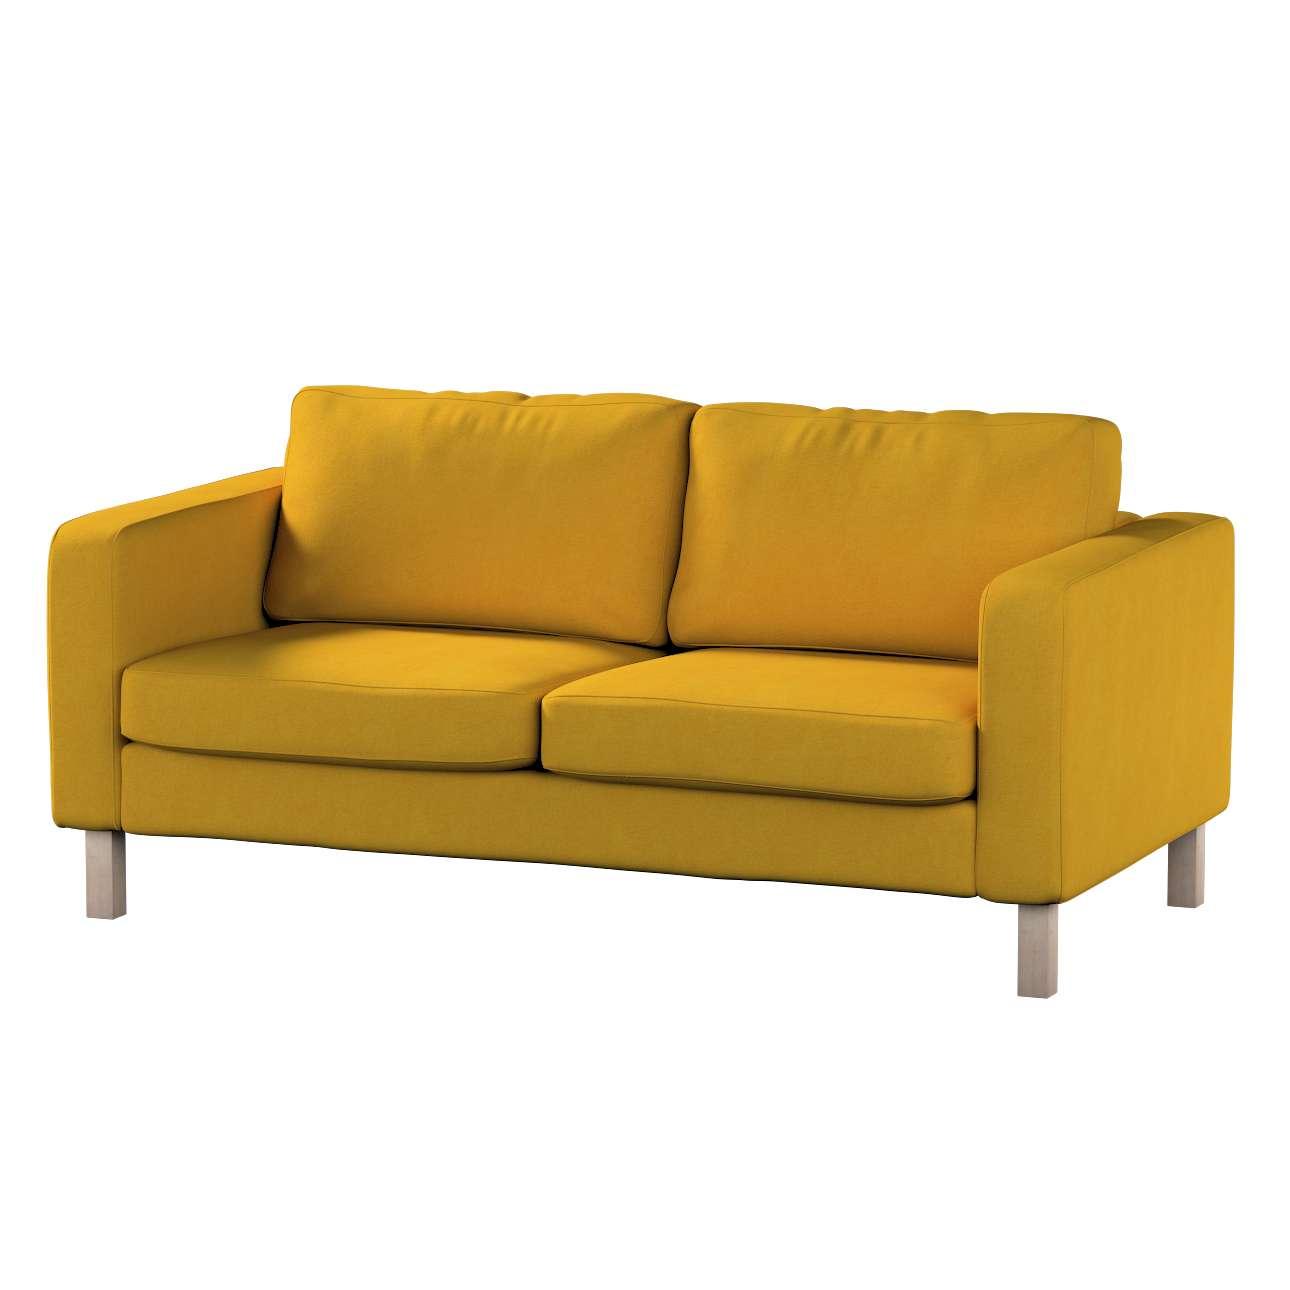 Pokrowiec na sofę Karlstad 2-osobową nierozkładaną krótki w kolekcji Etna, tkanina: 705-04